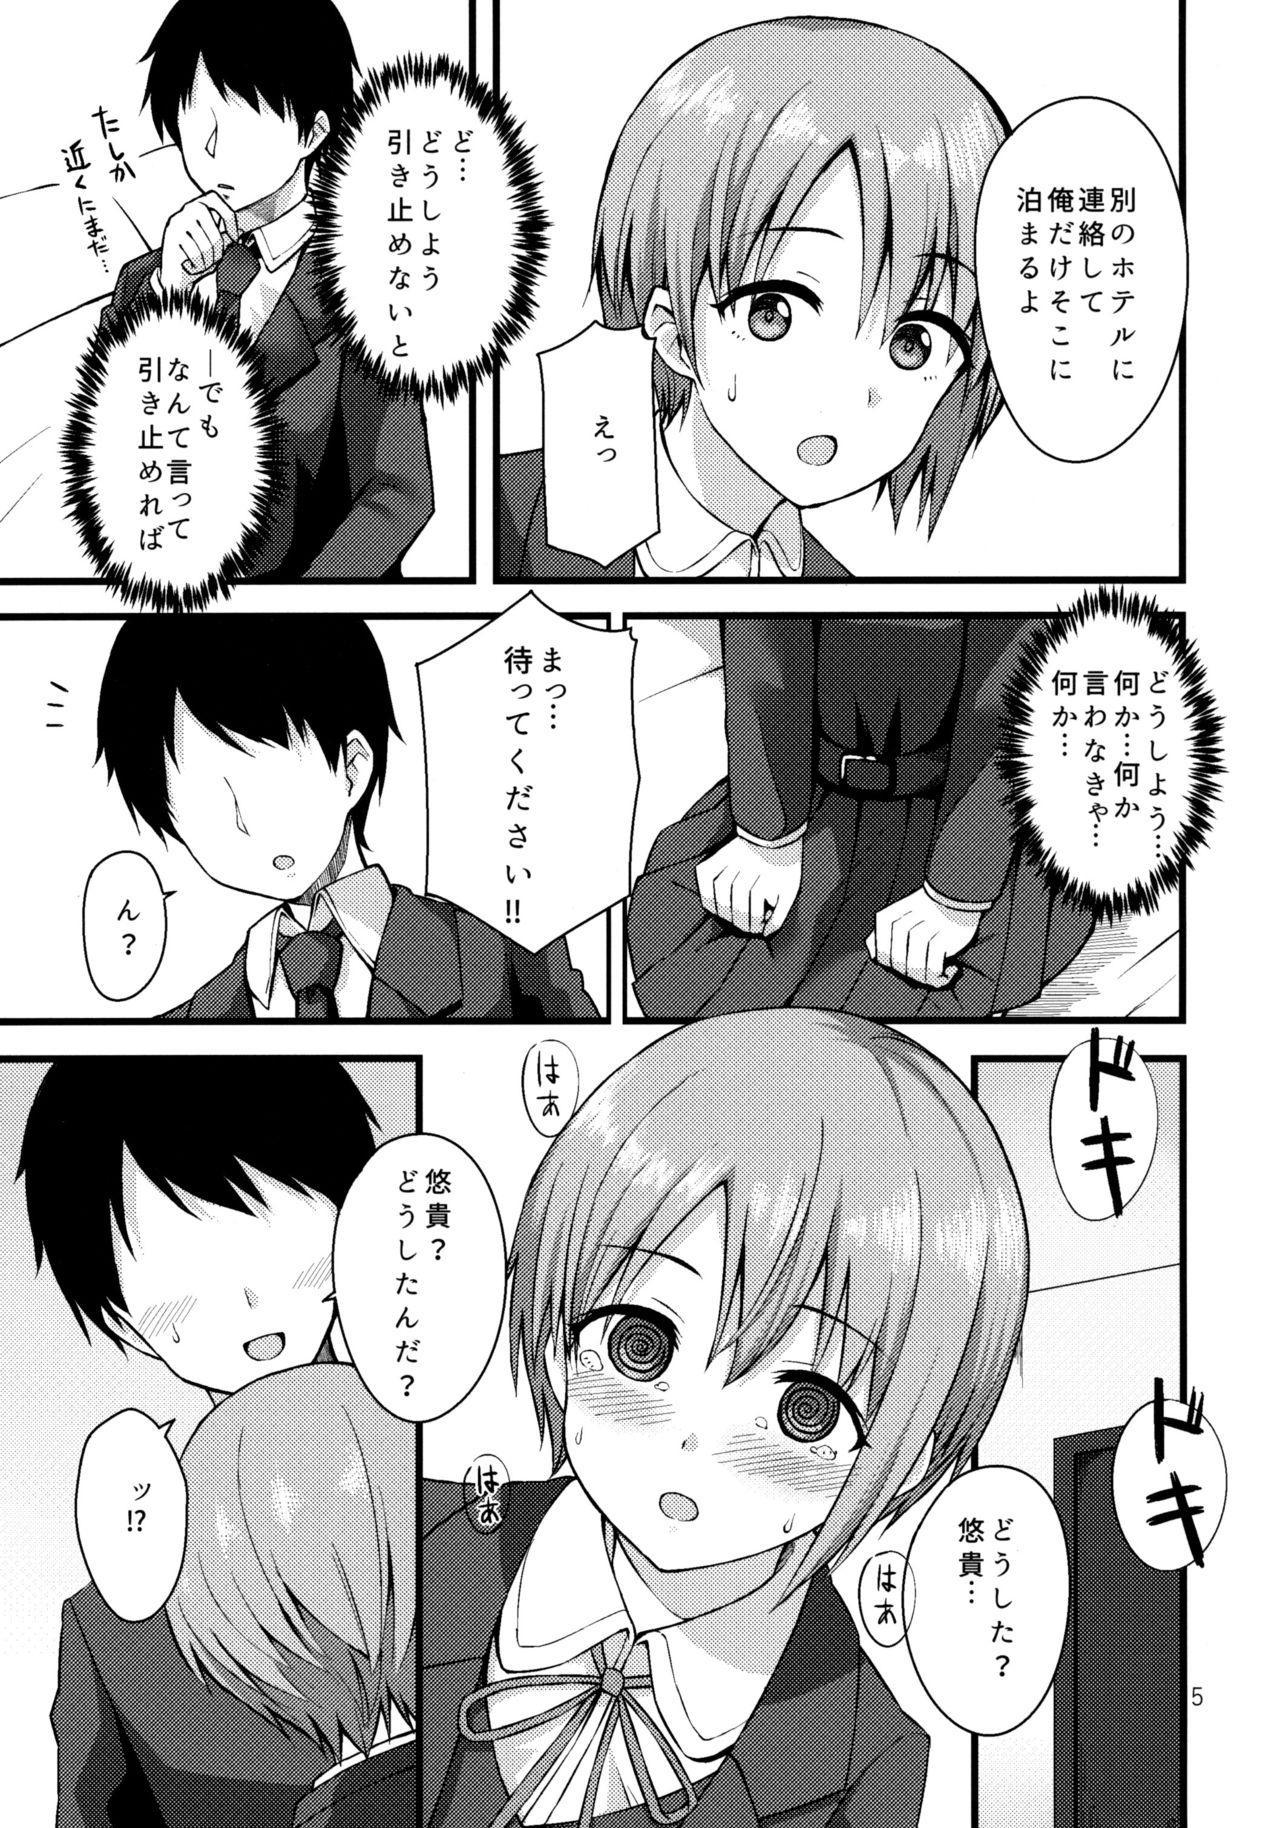 Himitsu no Otokura-chan 3